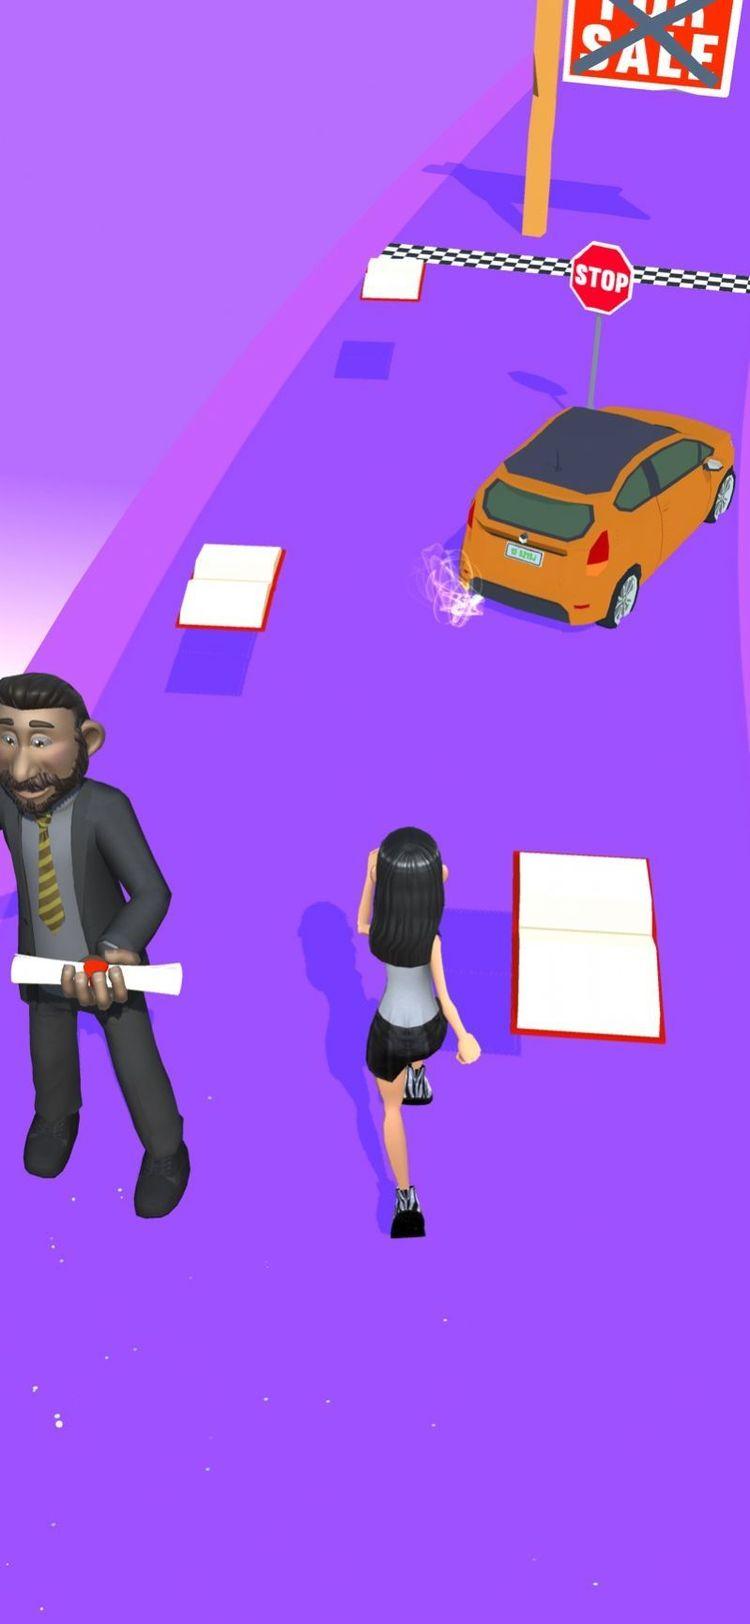 人类奔跑者3D下载大全